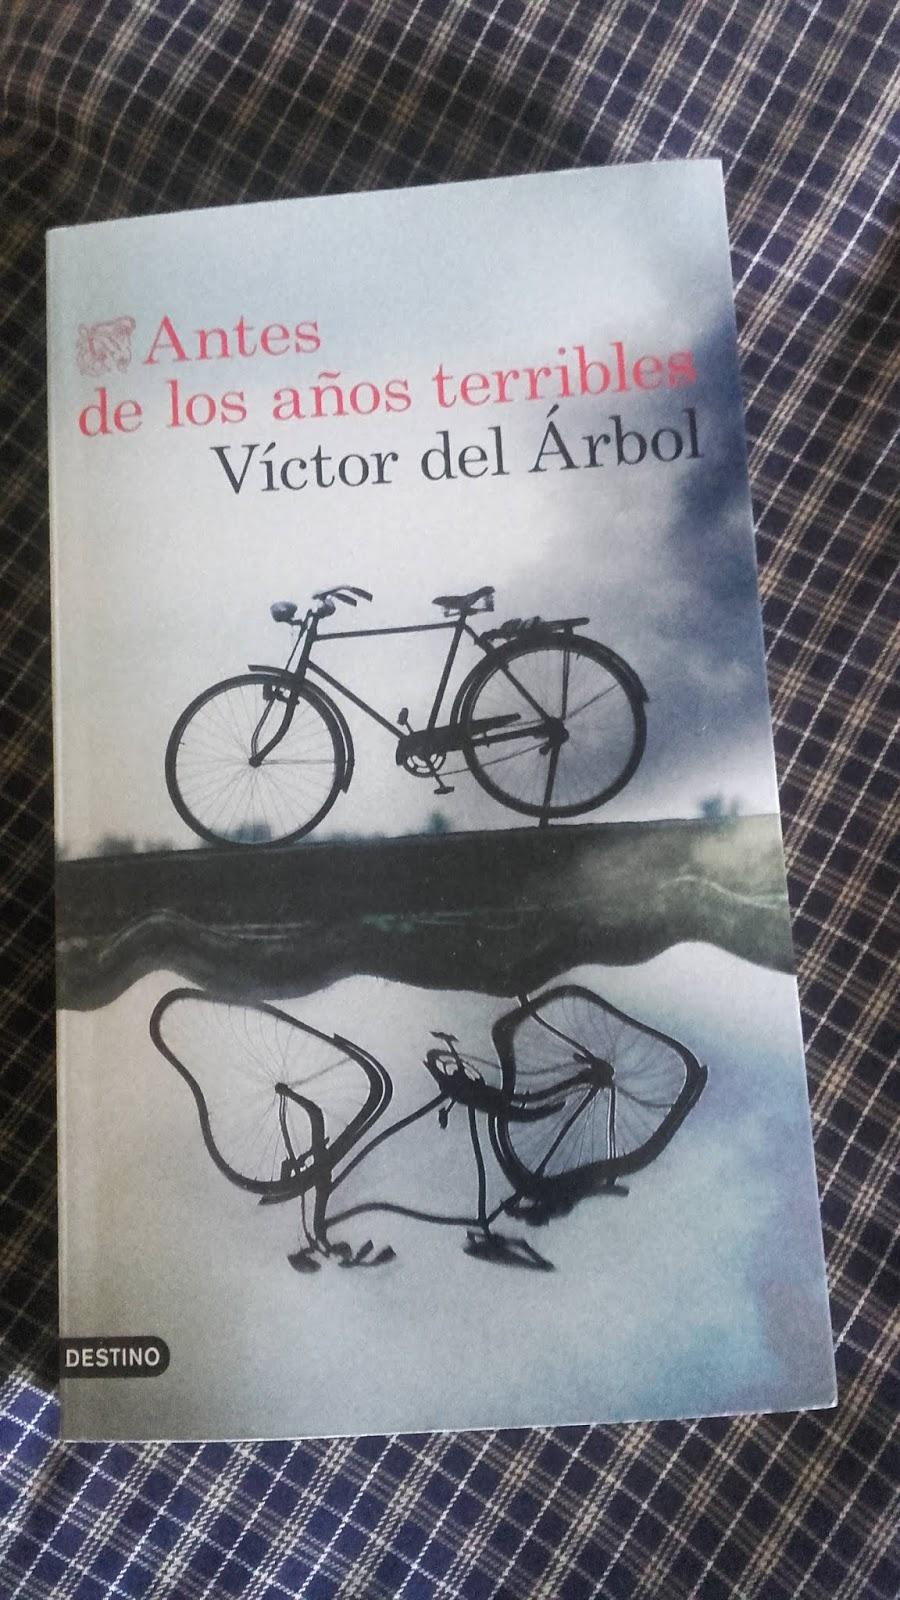 ANTES DE LOS AÑOS TERRIBLES de Víctor del Árbol